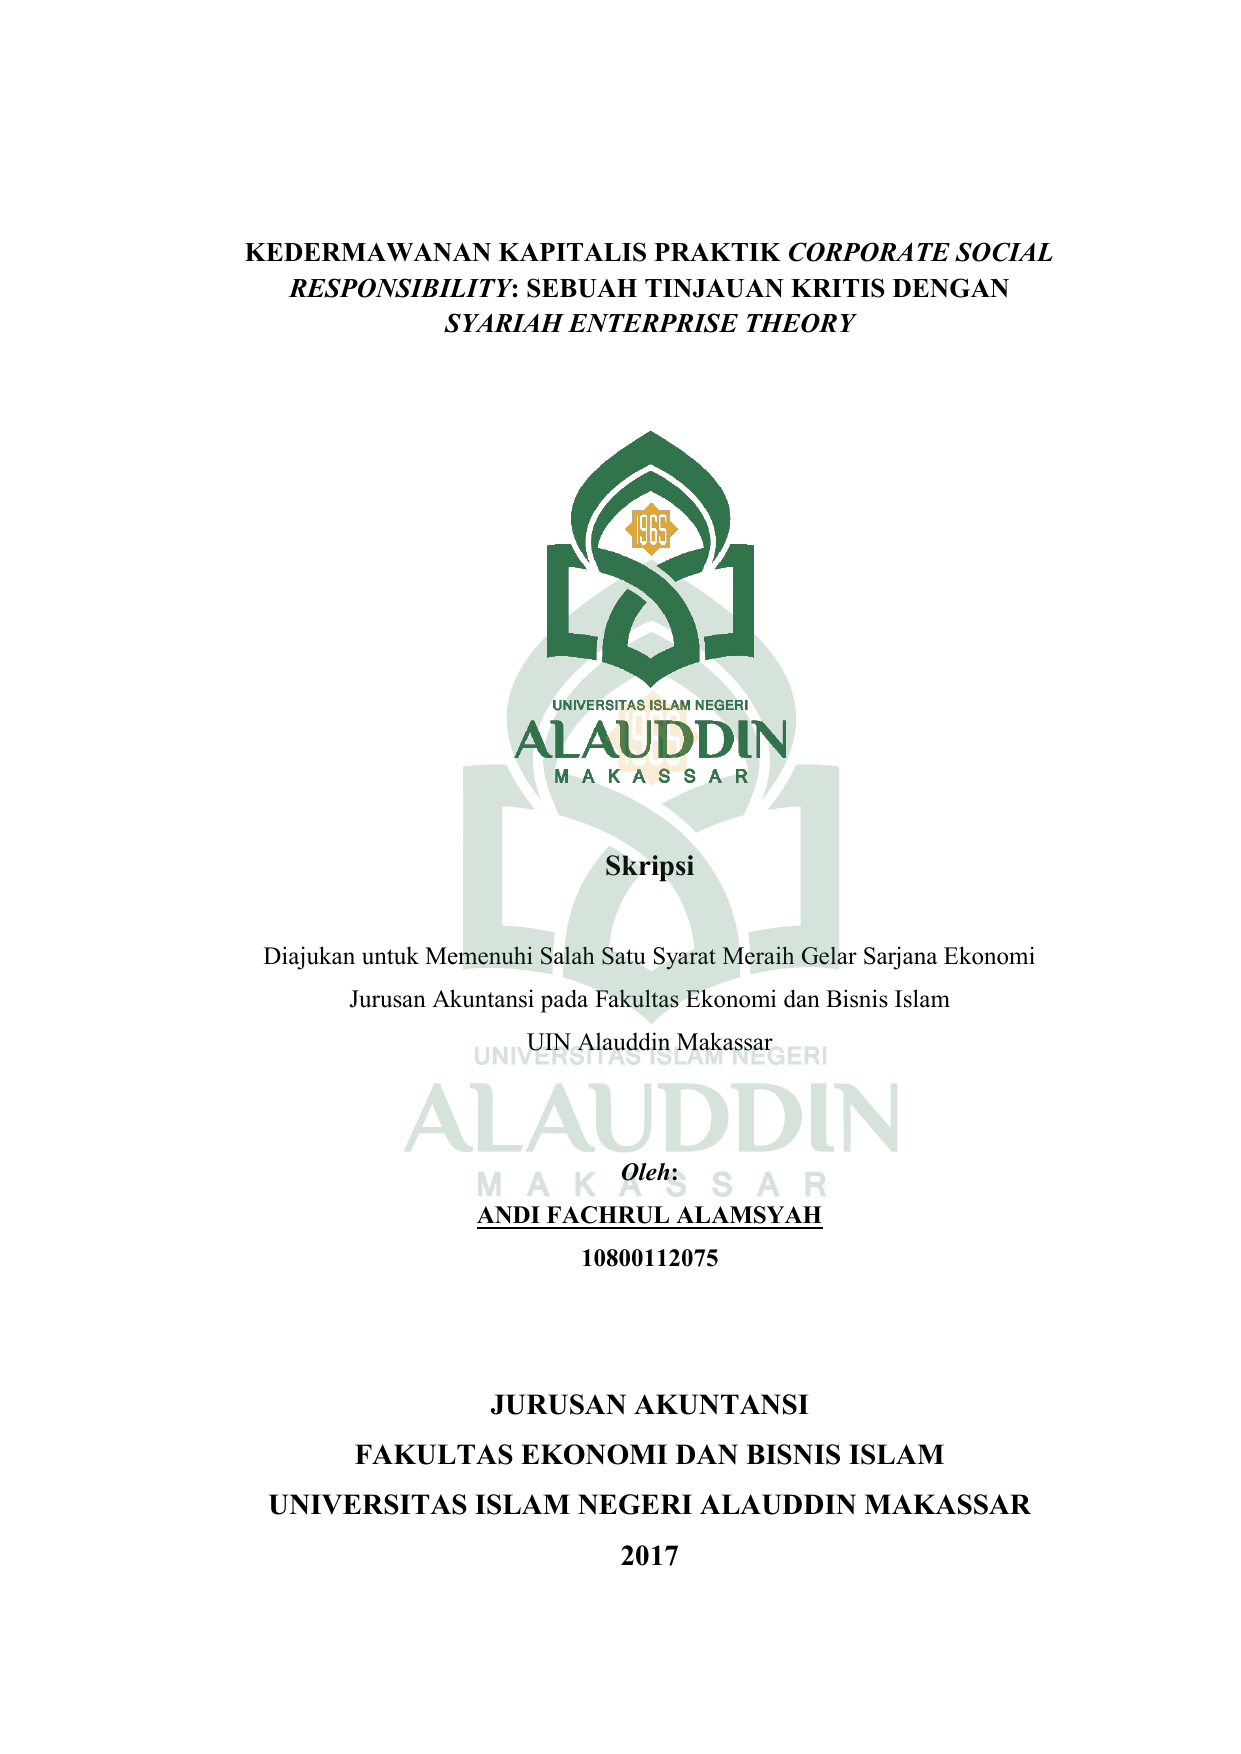 Skripsi Jurusan Akuntansi Fakultas Ekonomi Dan Bisnis